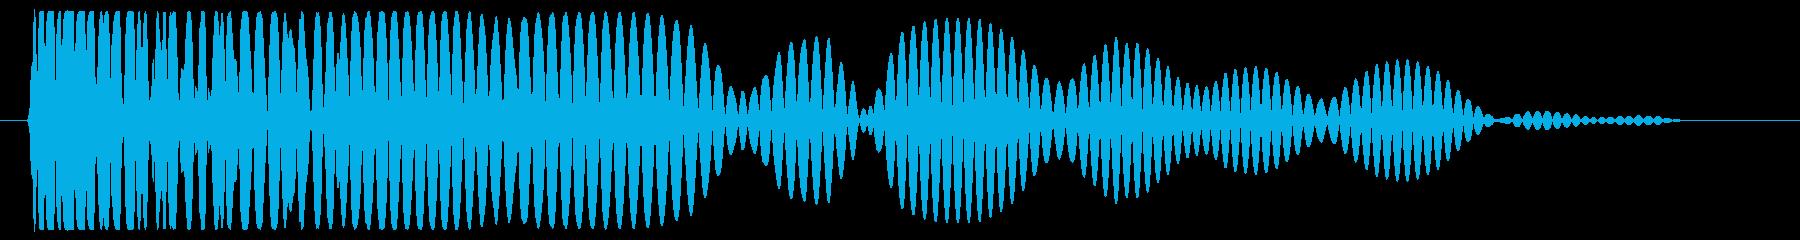 ドーン(心に響く爆発音)の再生済みの波形